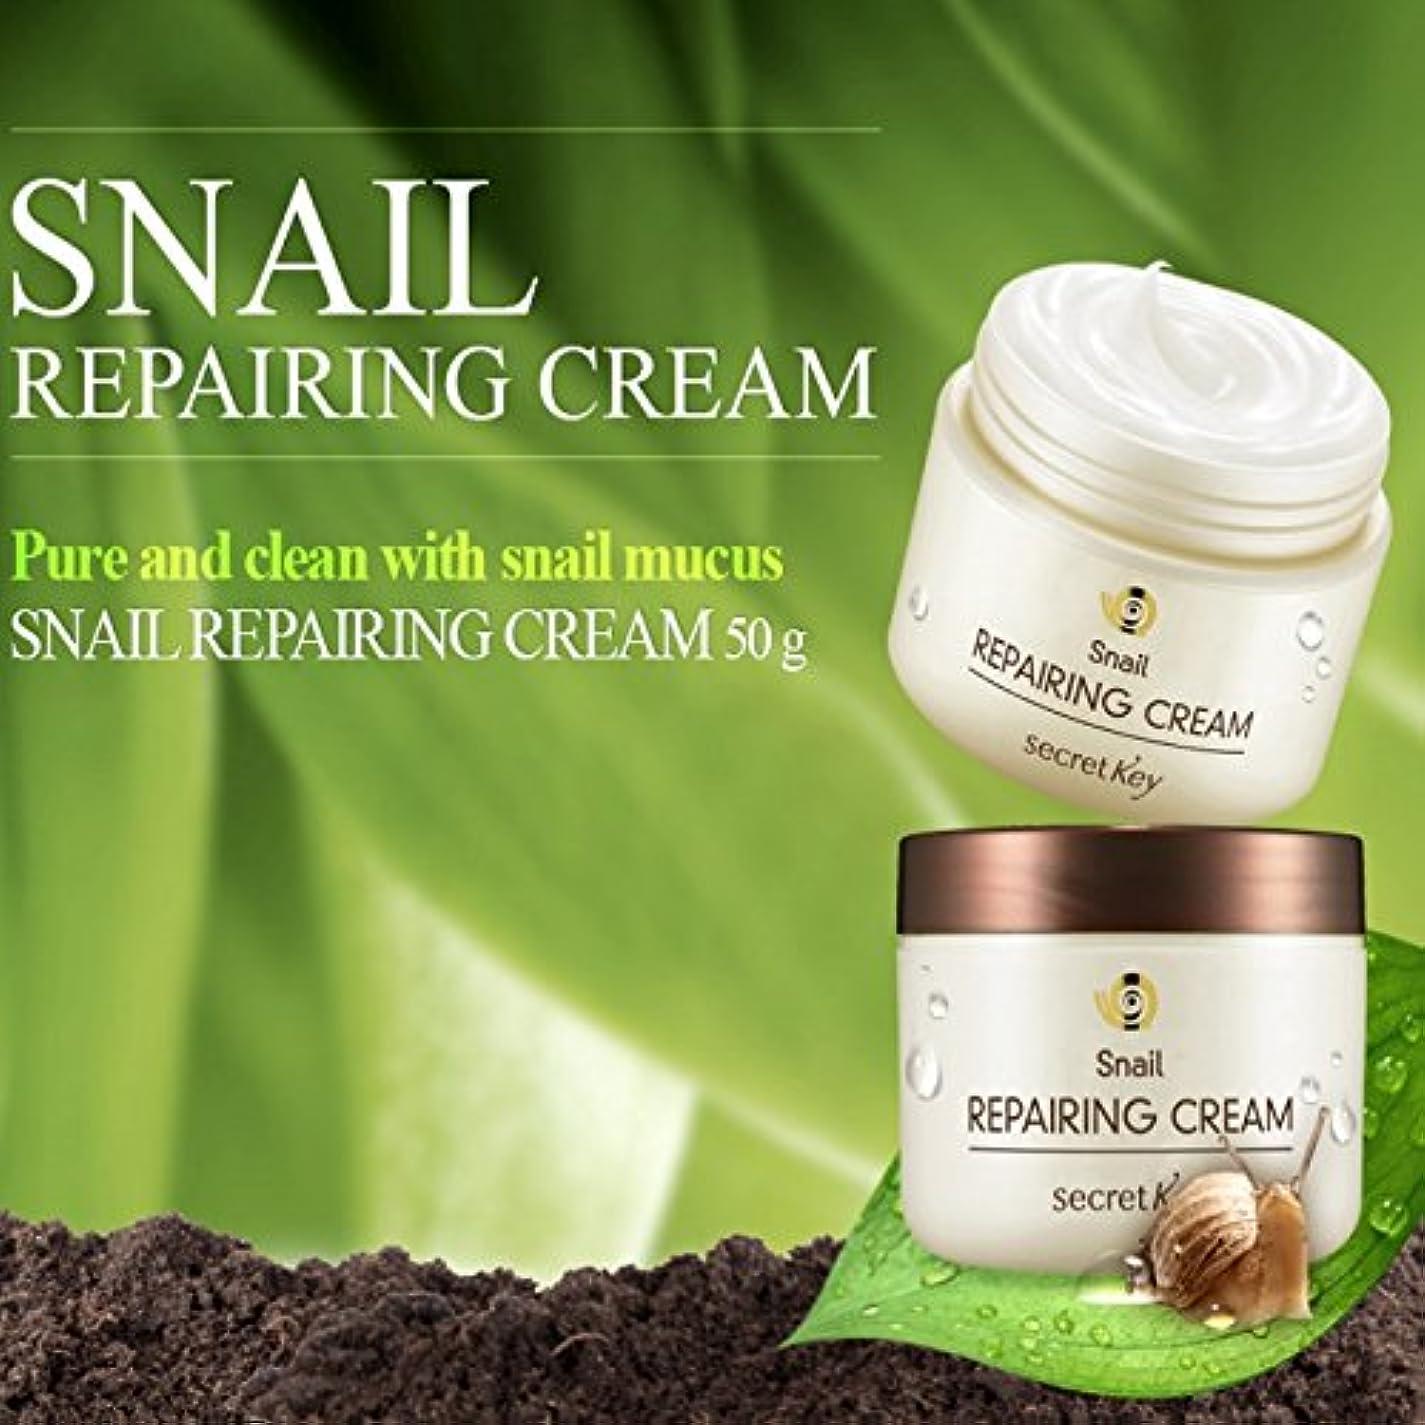 許可アンカー紳士Secret Key Snail Repairing Cream Renewal 50g /シークレットキー スネイル リペアリング /100% Authentic direct from Korea/w 2 Gift sample [並行輸入品]